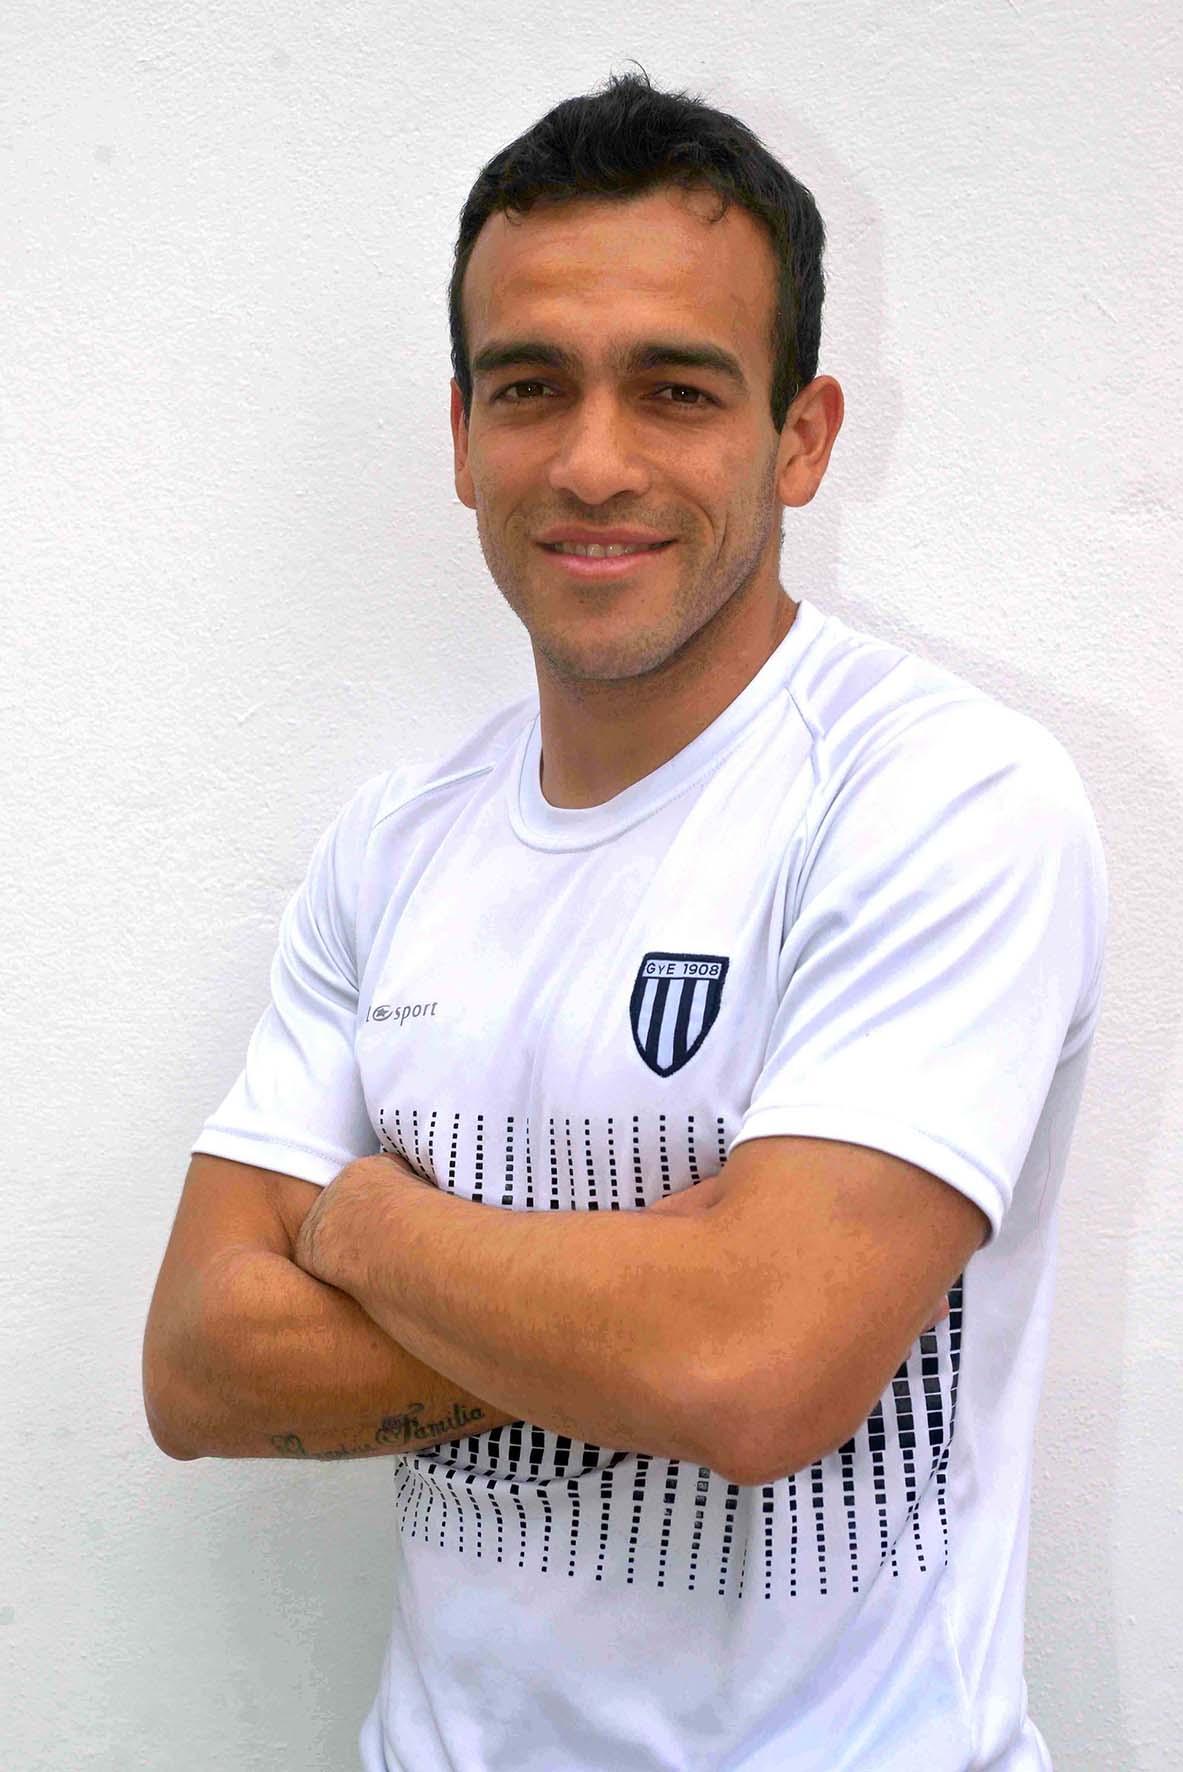 Gerardo Corvalán